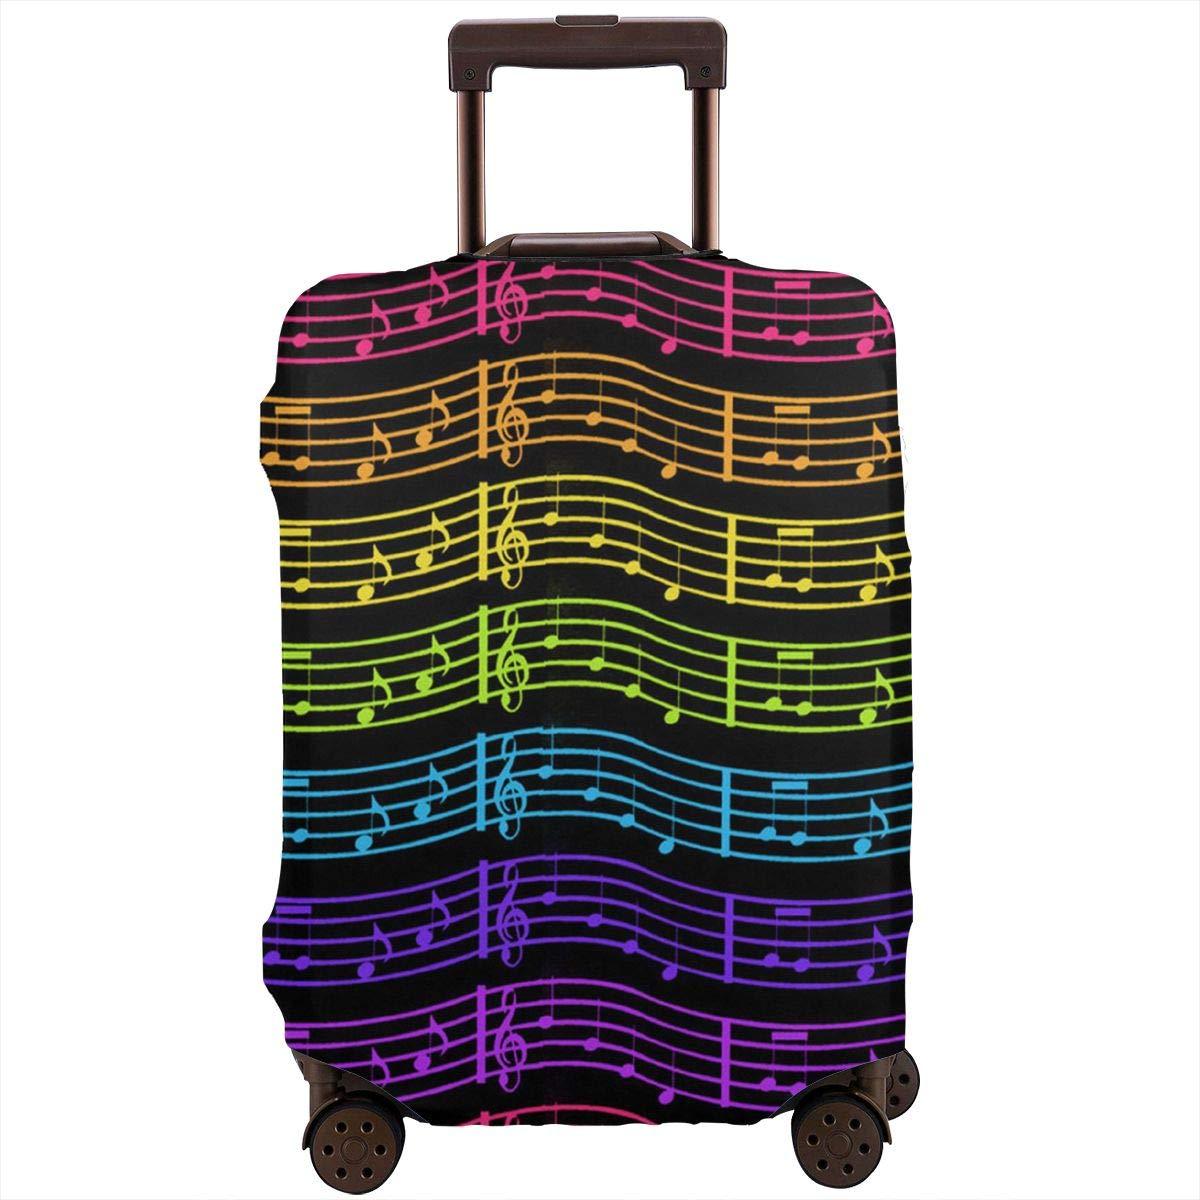 Amazon.com: Coloridas fundas para equipaje de viaje, diseño ...